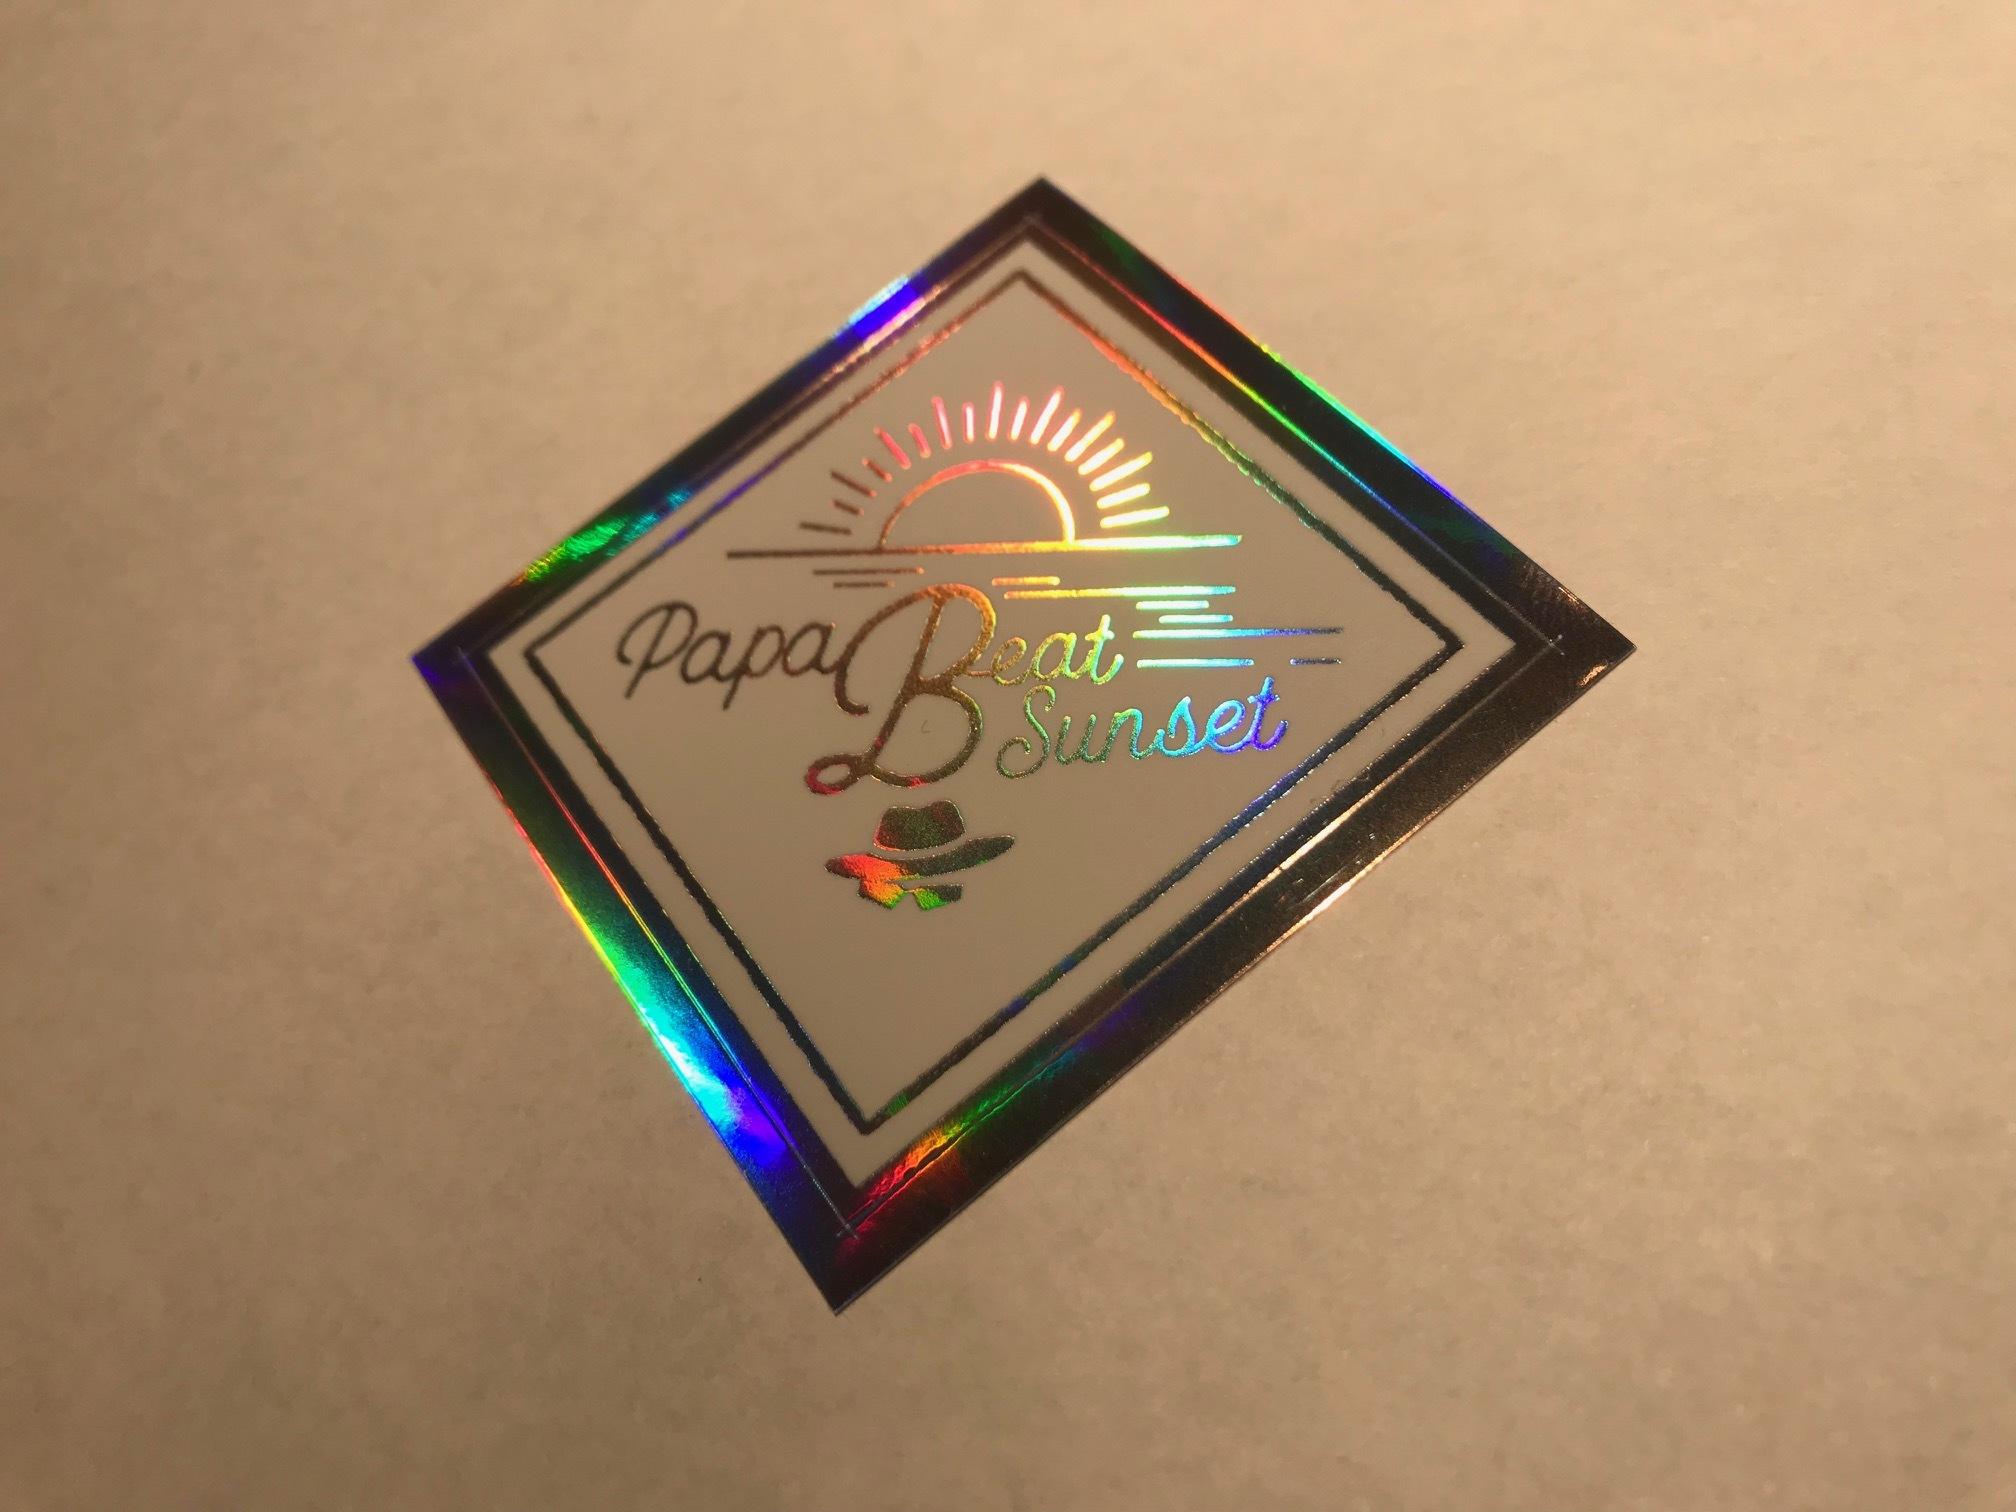 コントローラー限定盤  直筆サイン付き  PAPA BEAT SUNSET | PAPA BEAT SUNSET